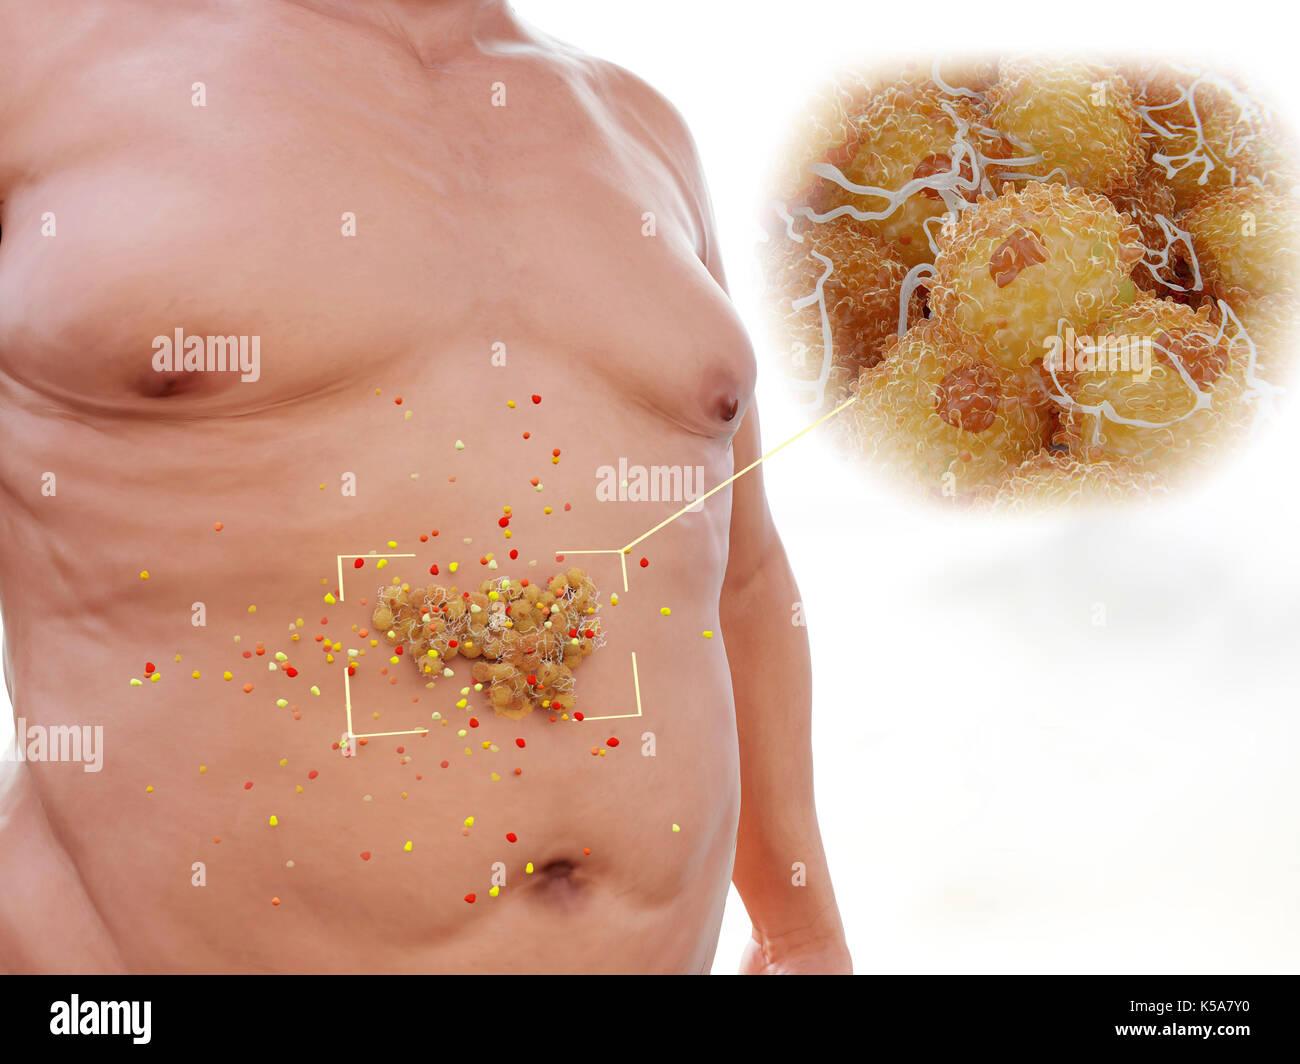 La grasa visceral en el abdomen humano, ilustración. la grasa ...